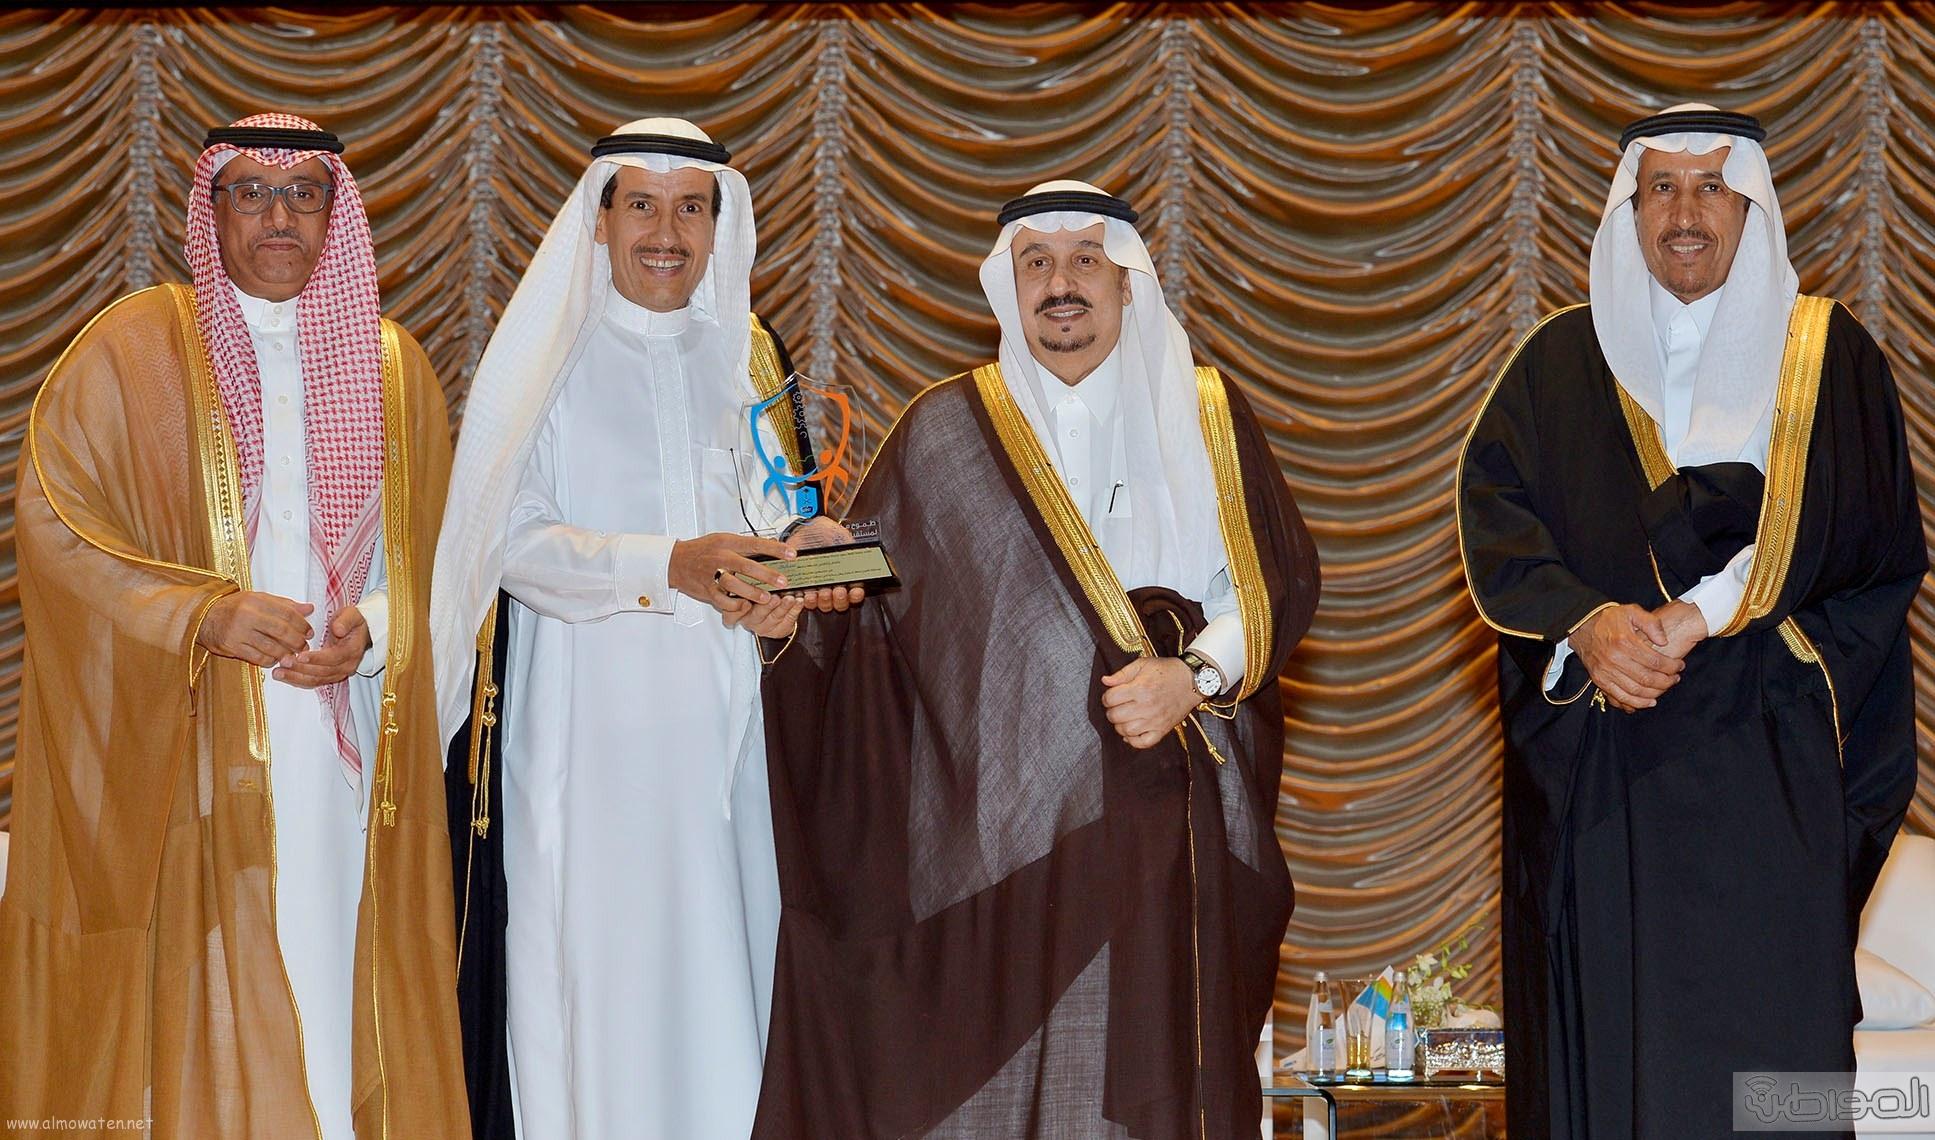 امير الرياض خلال رعاية طموح ملك لمستقبل وطن (14)